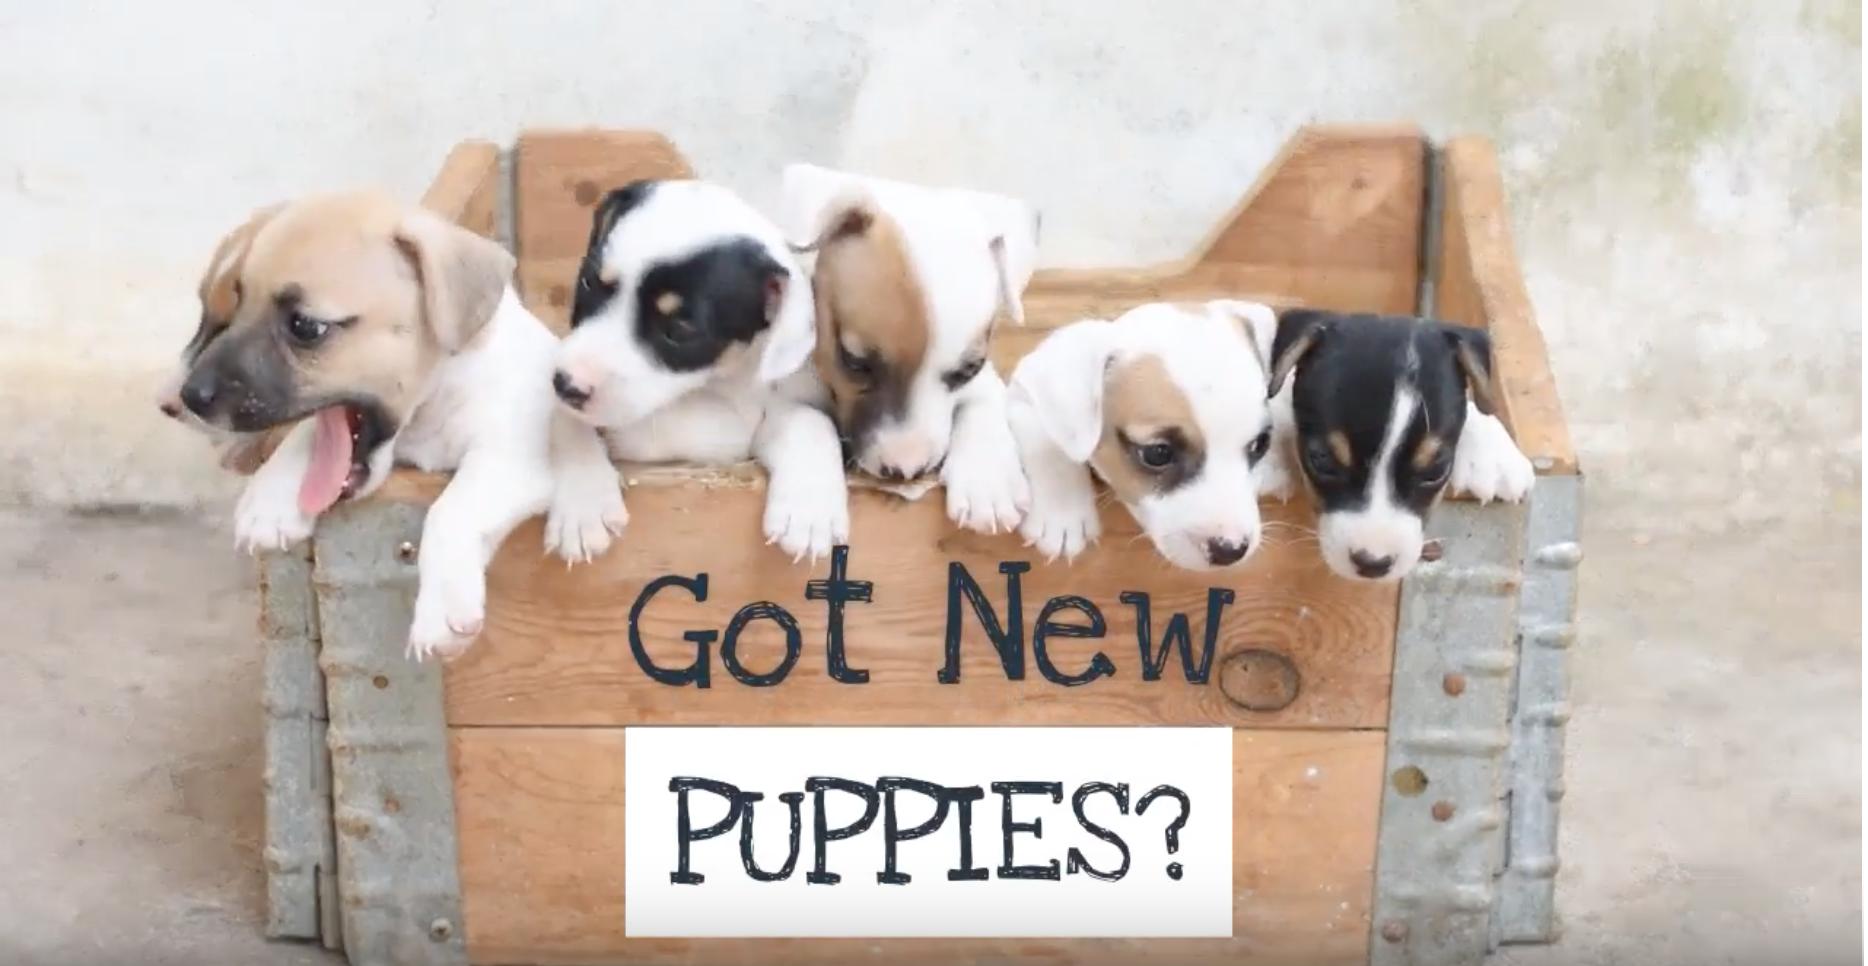 Got puppies? 🐕🐾 You need waterproof flooring 💦quick